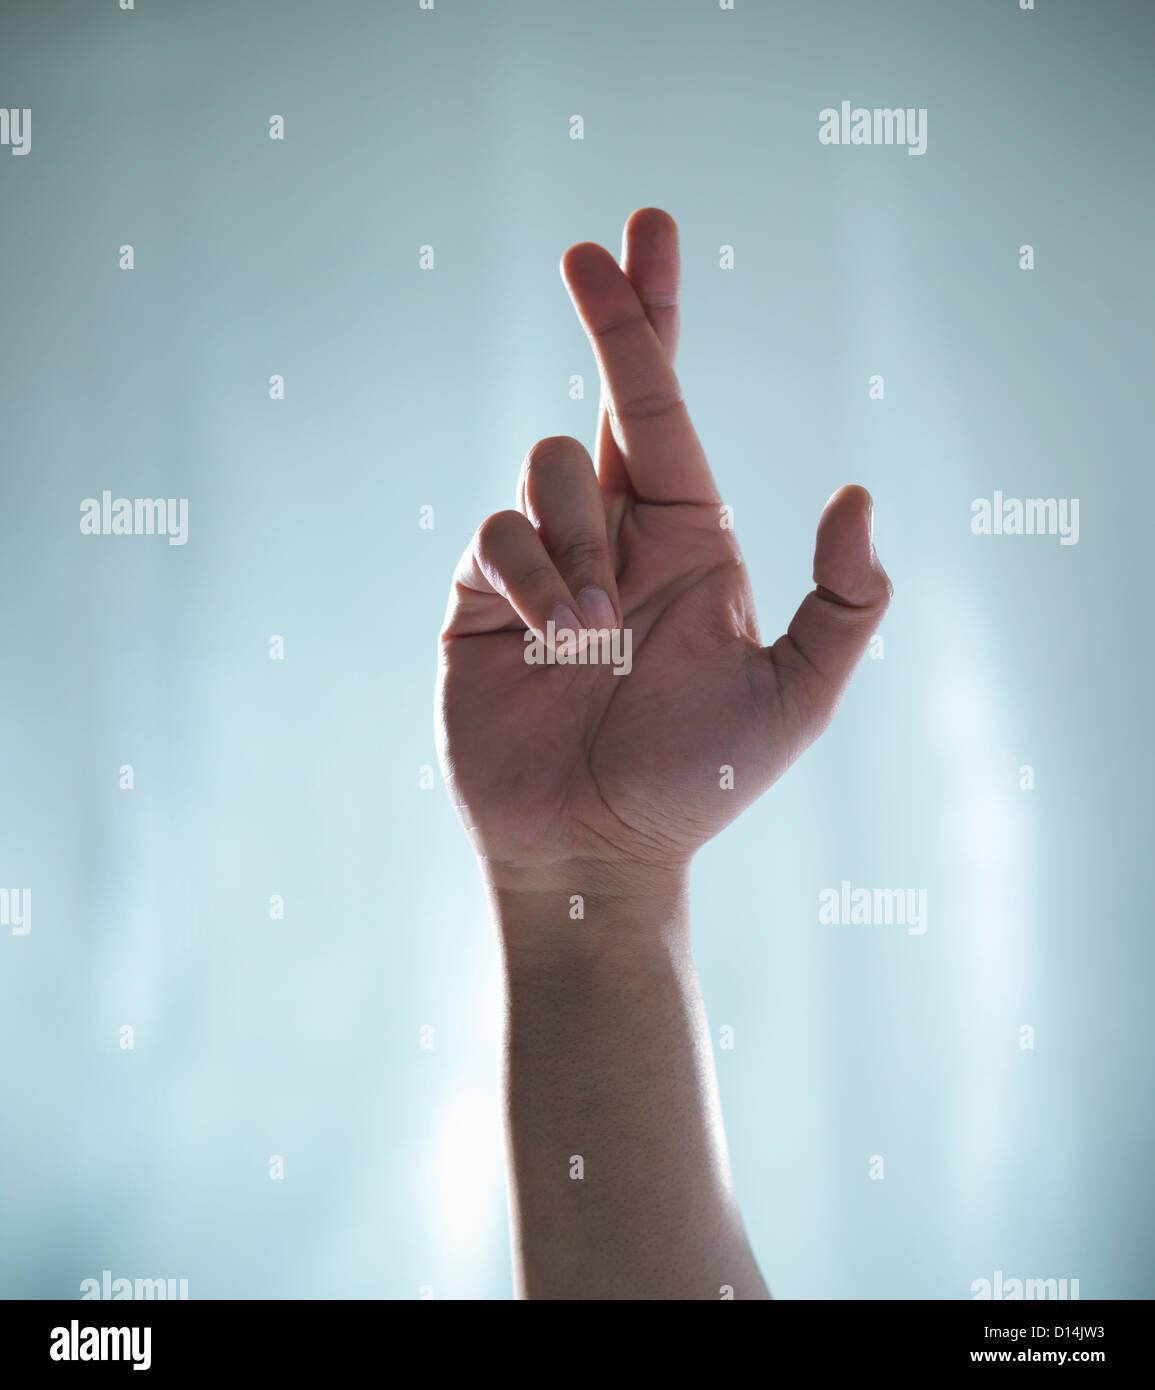 Stretta di mano con le dita incrociate Immagini Stock